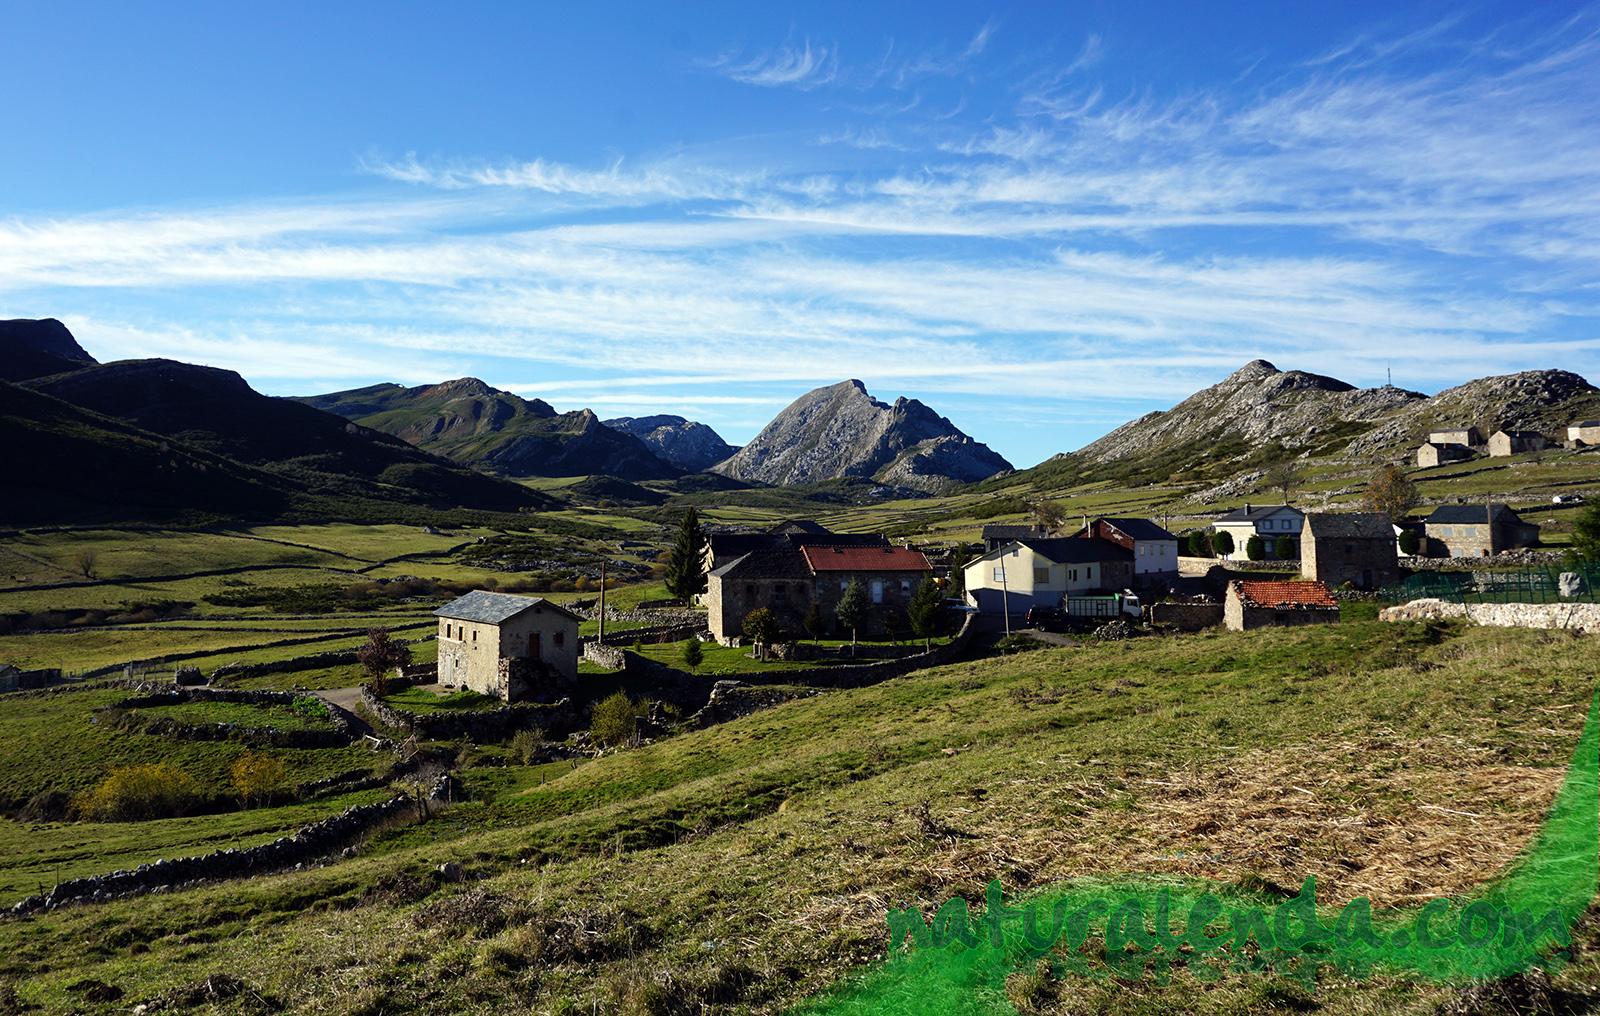 pueblo de montaña en Somiedo